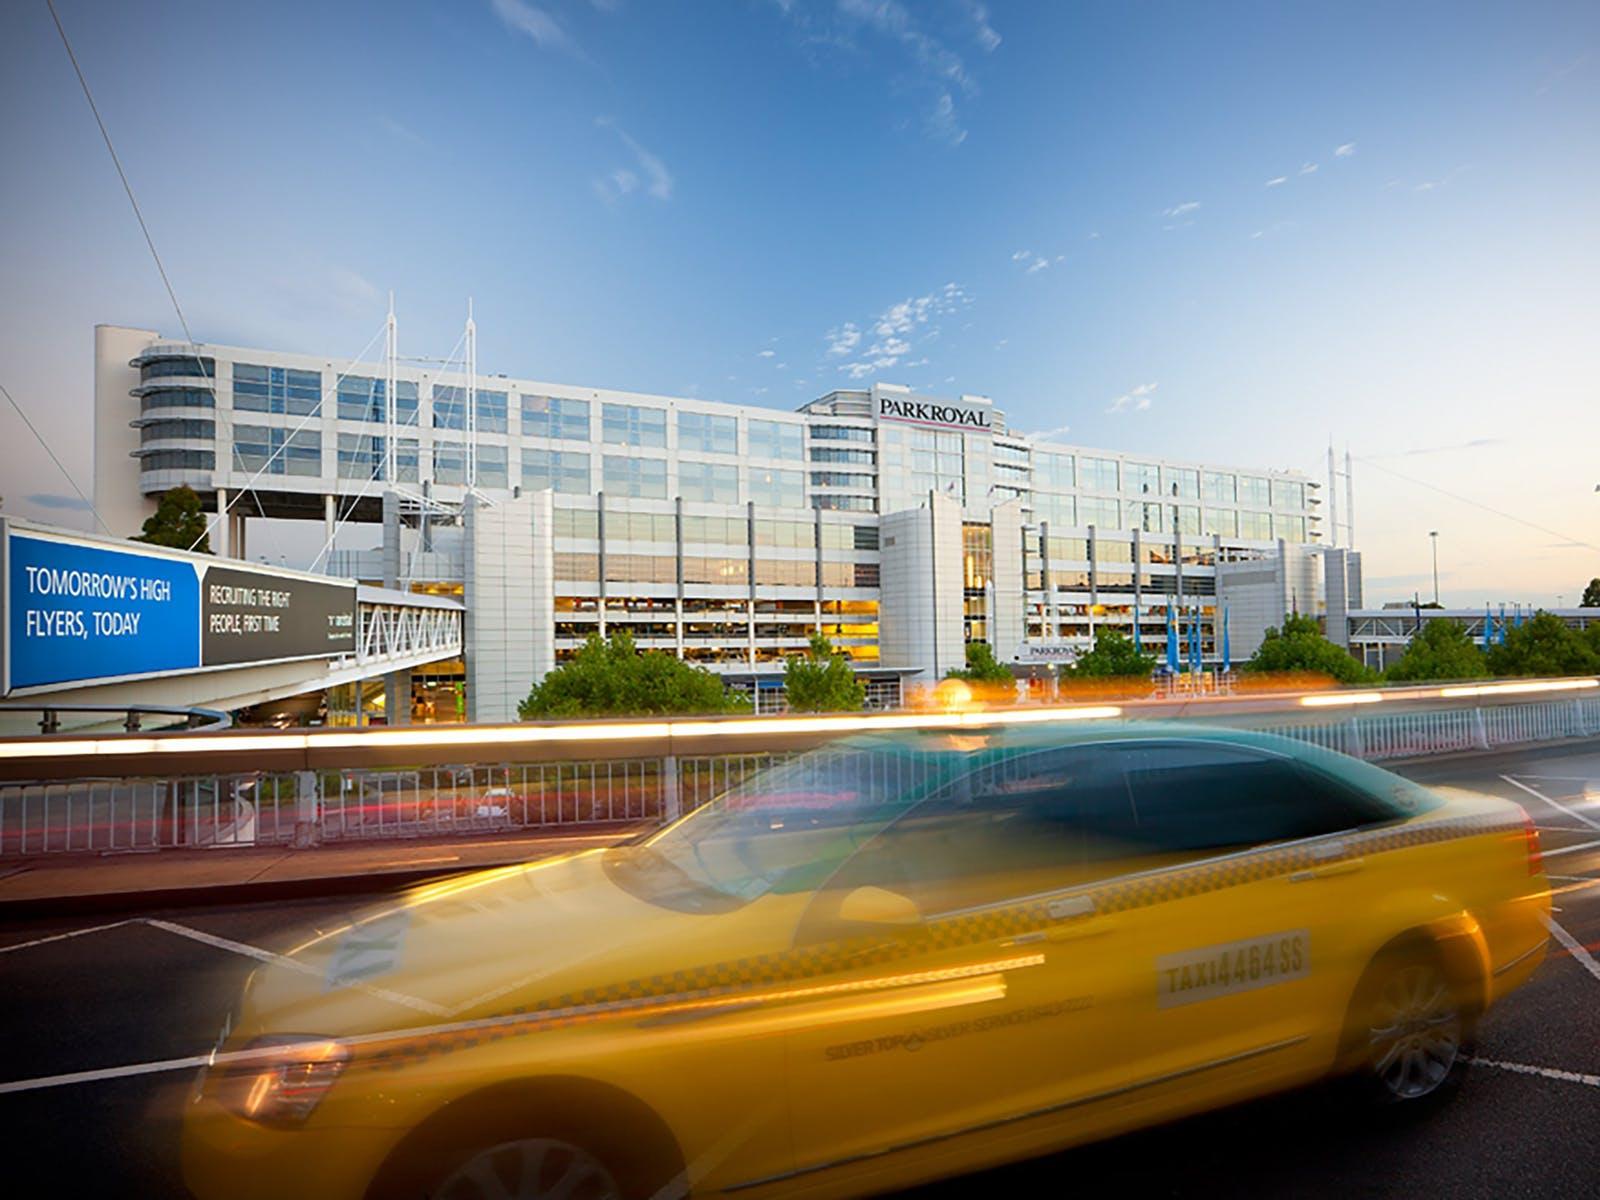 Avis Car Rental At Melbourne Airport